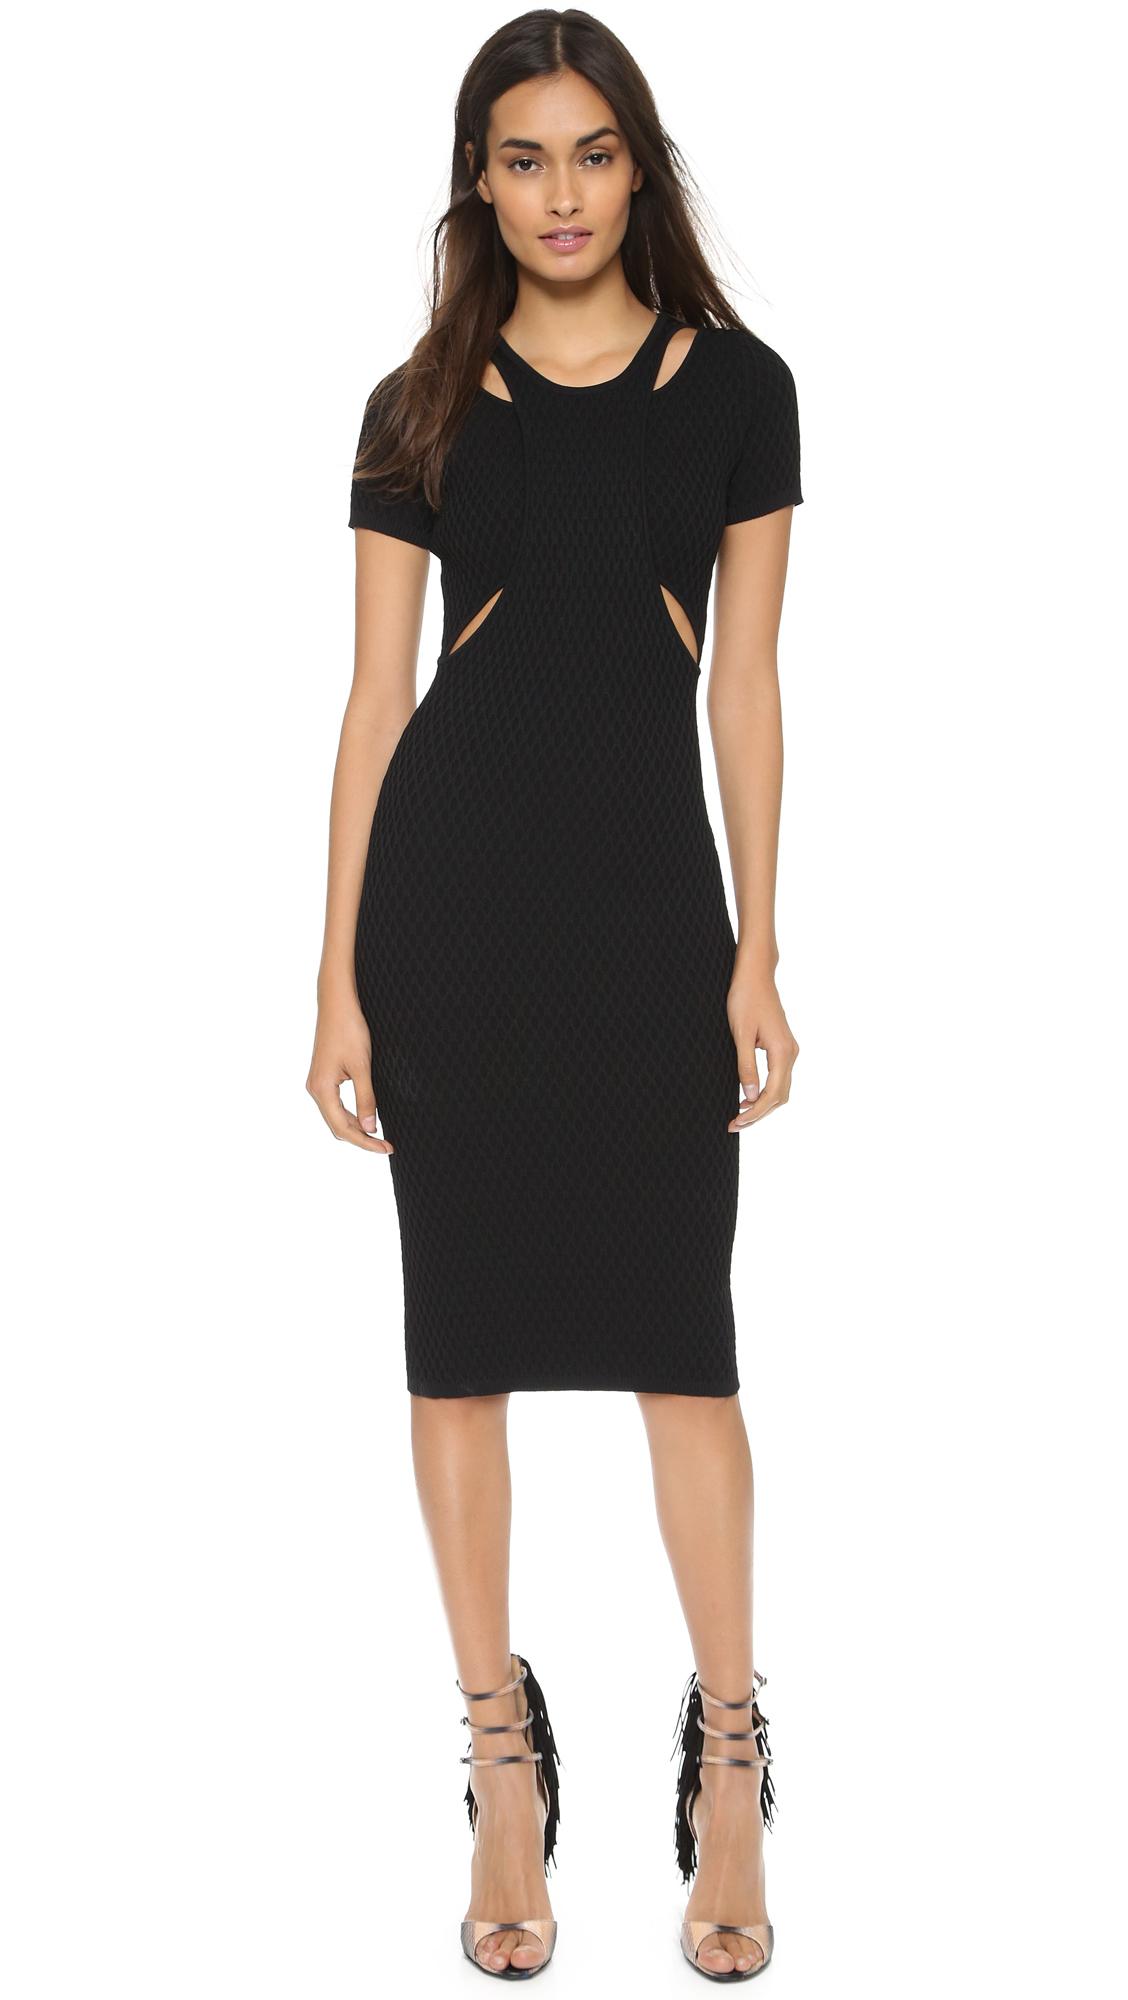 Short Black Cut Out Dresses